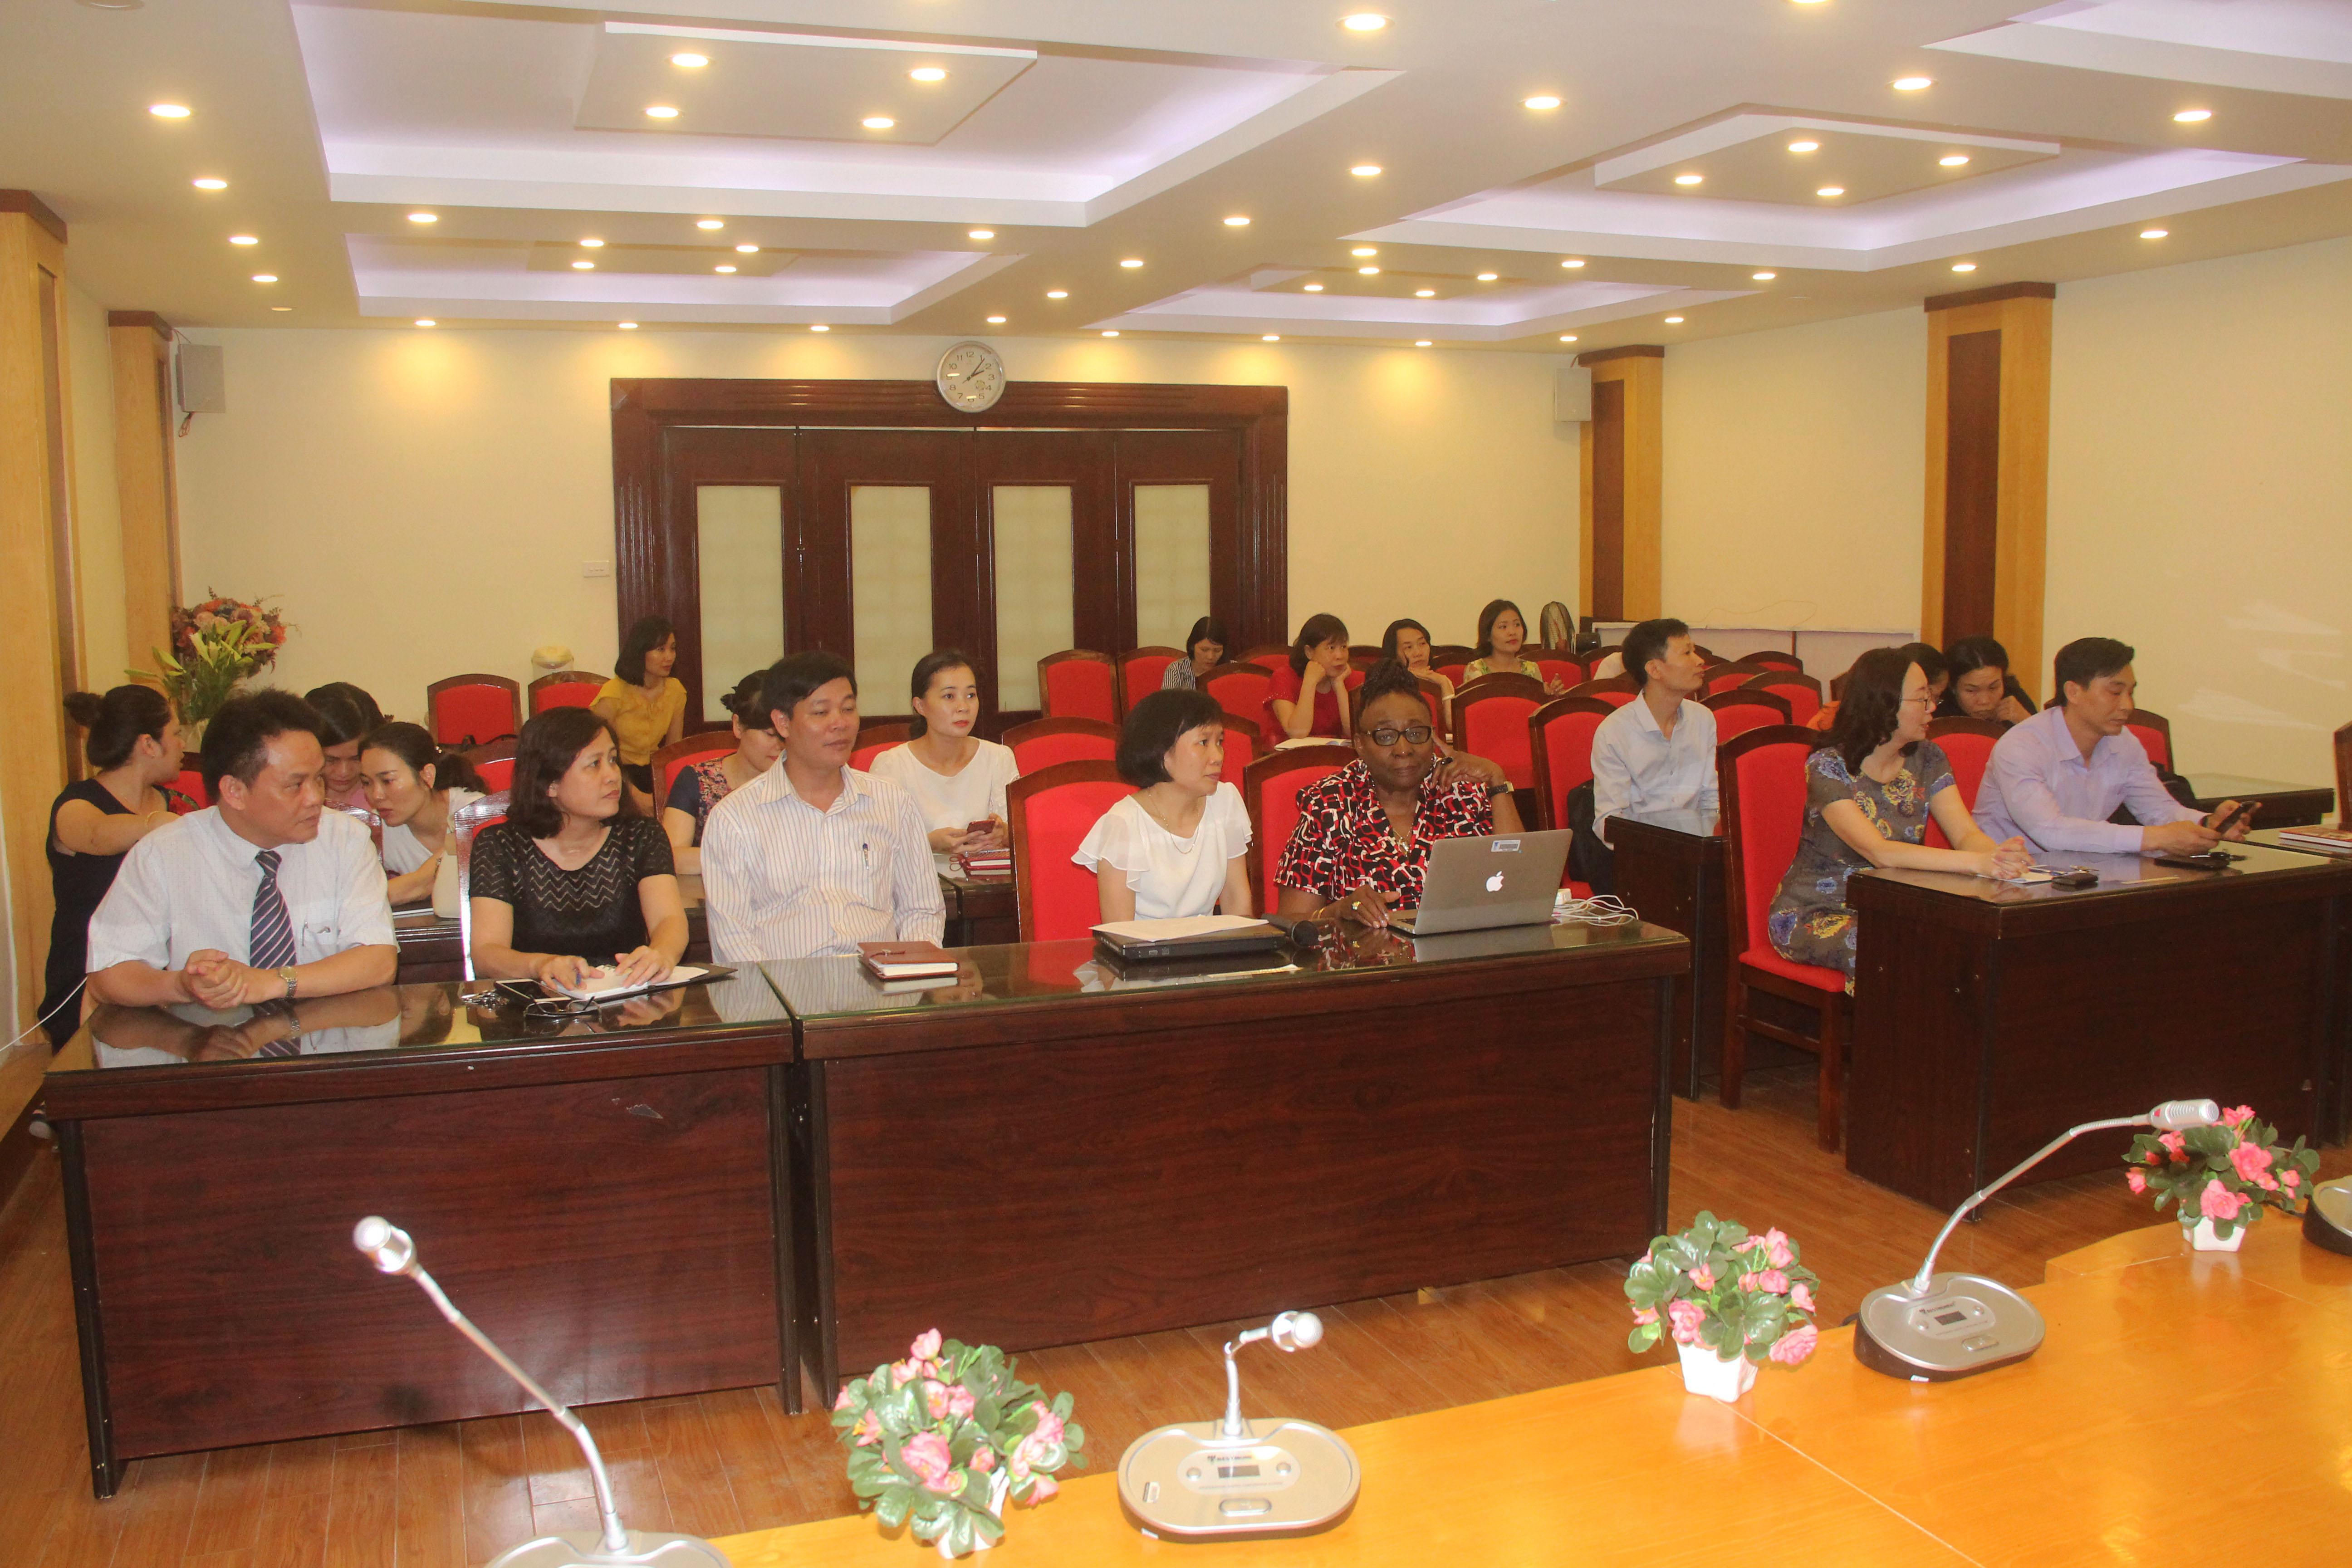 Khai mạc chương trình Tập huấn Hướng tới chương trình đào tạo mới và đội ngũ giảng viên chất lượng cao